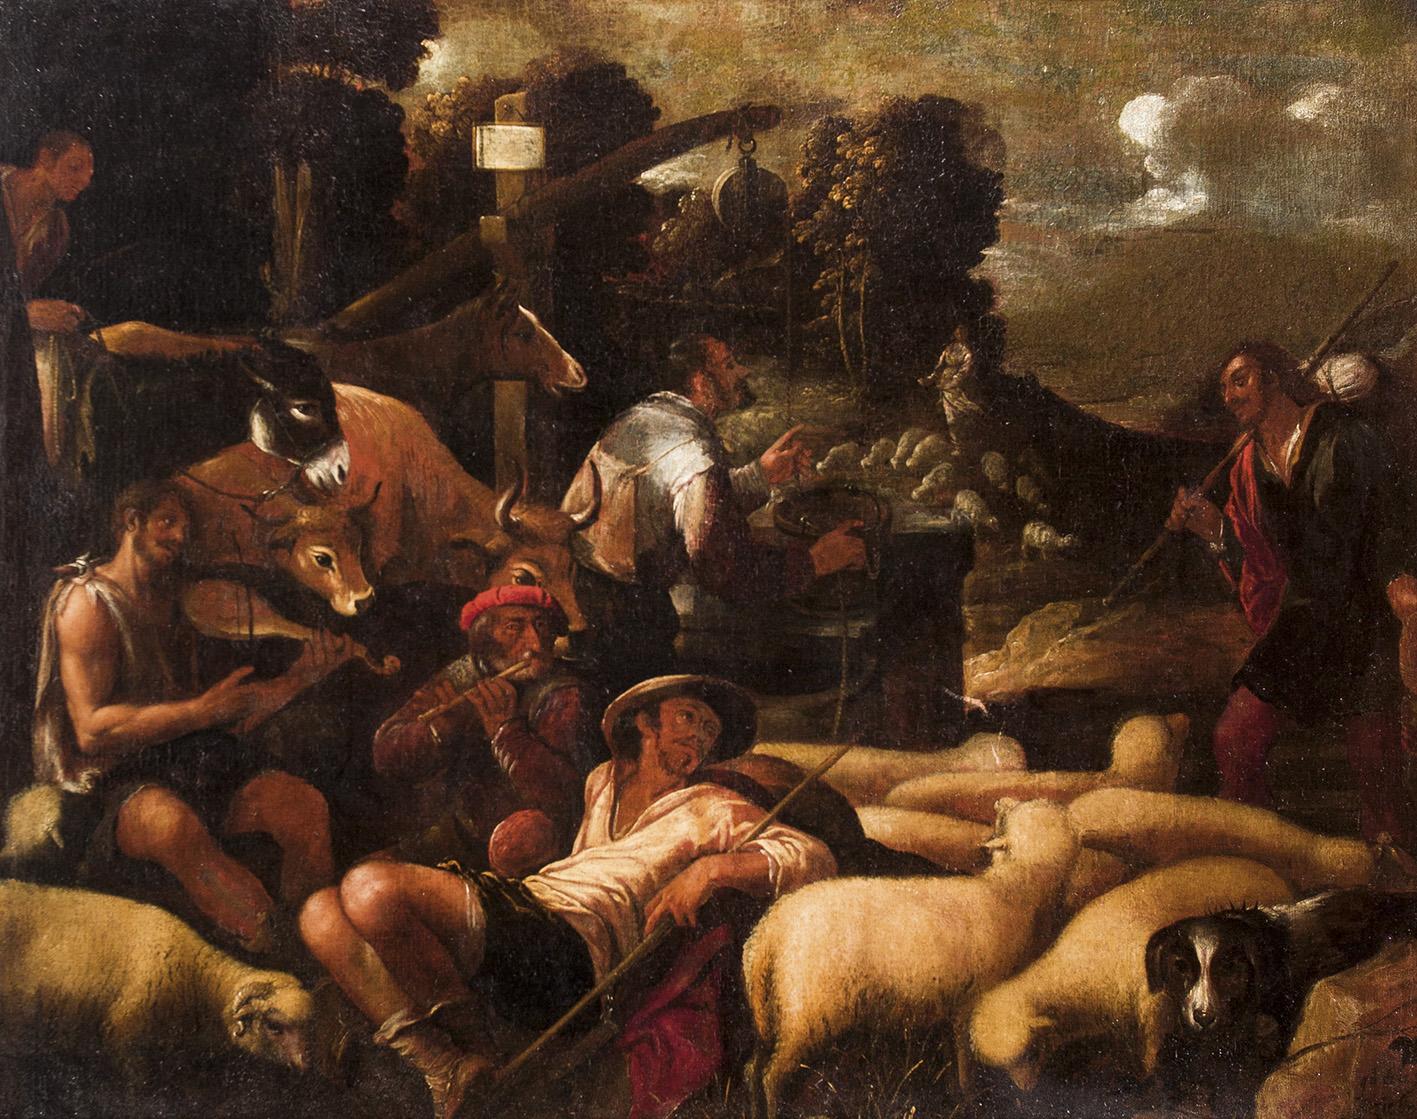 Juan-Leandro-de-la-Fuente-Adoracion-de-los-pastores